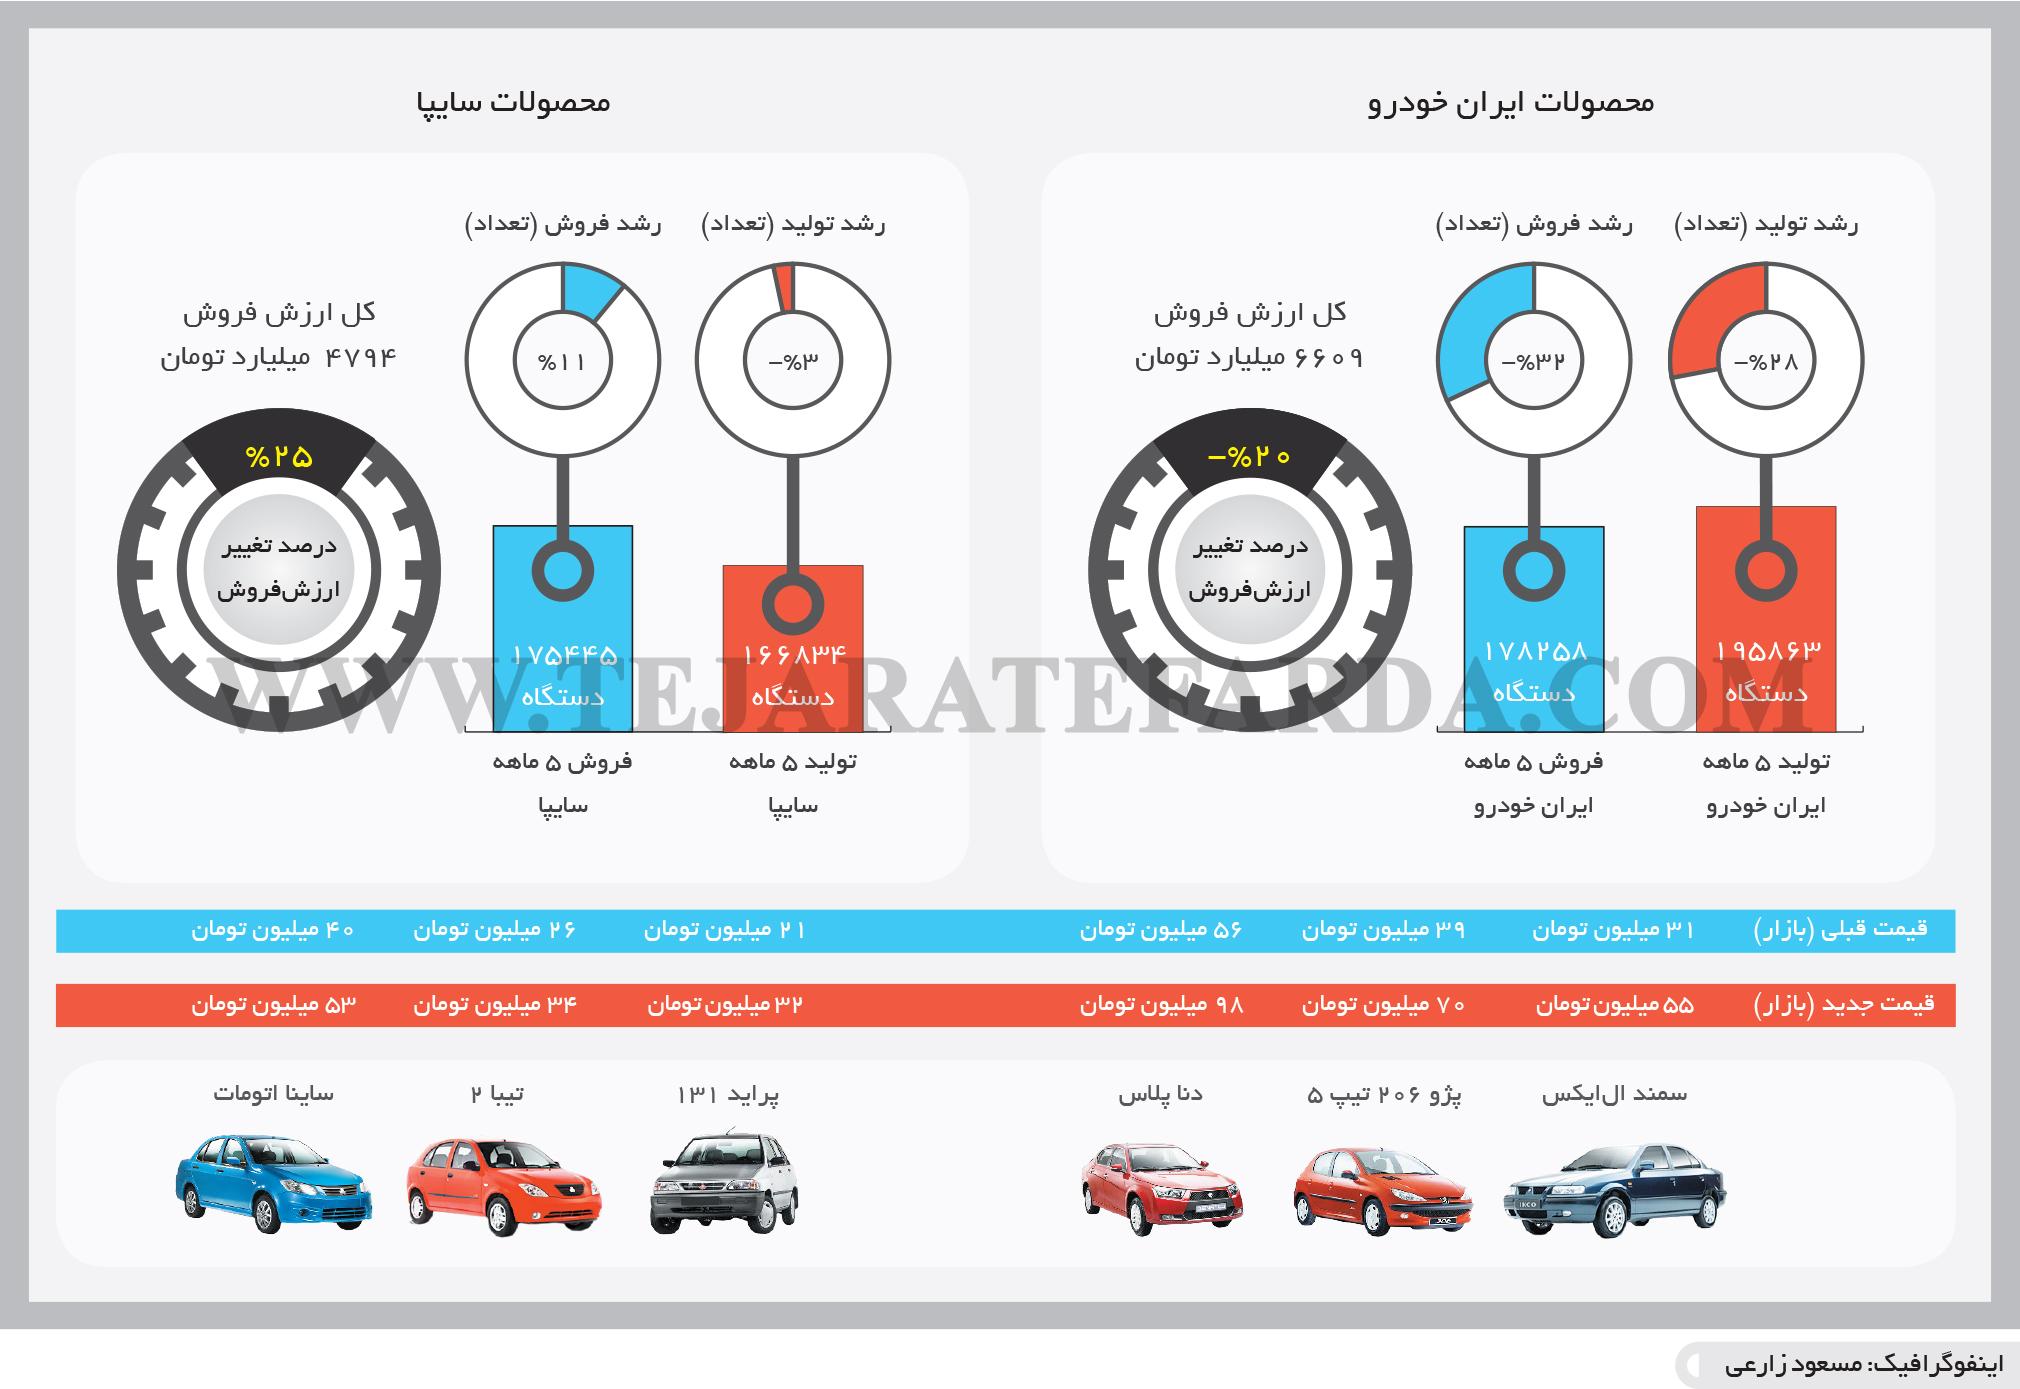 تجارت- فردا- ایران خودرو و سایپا(اینفوگرافیک)